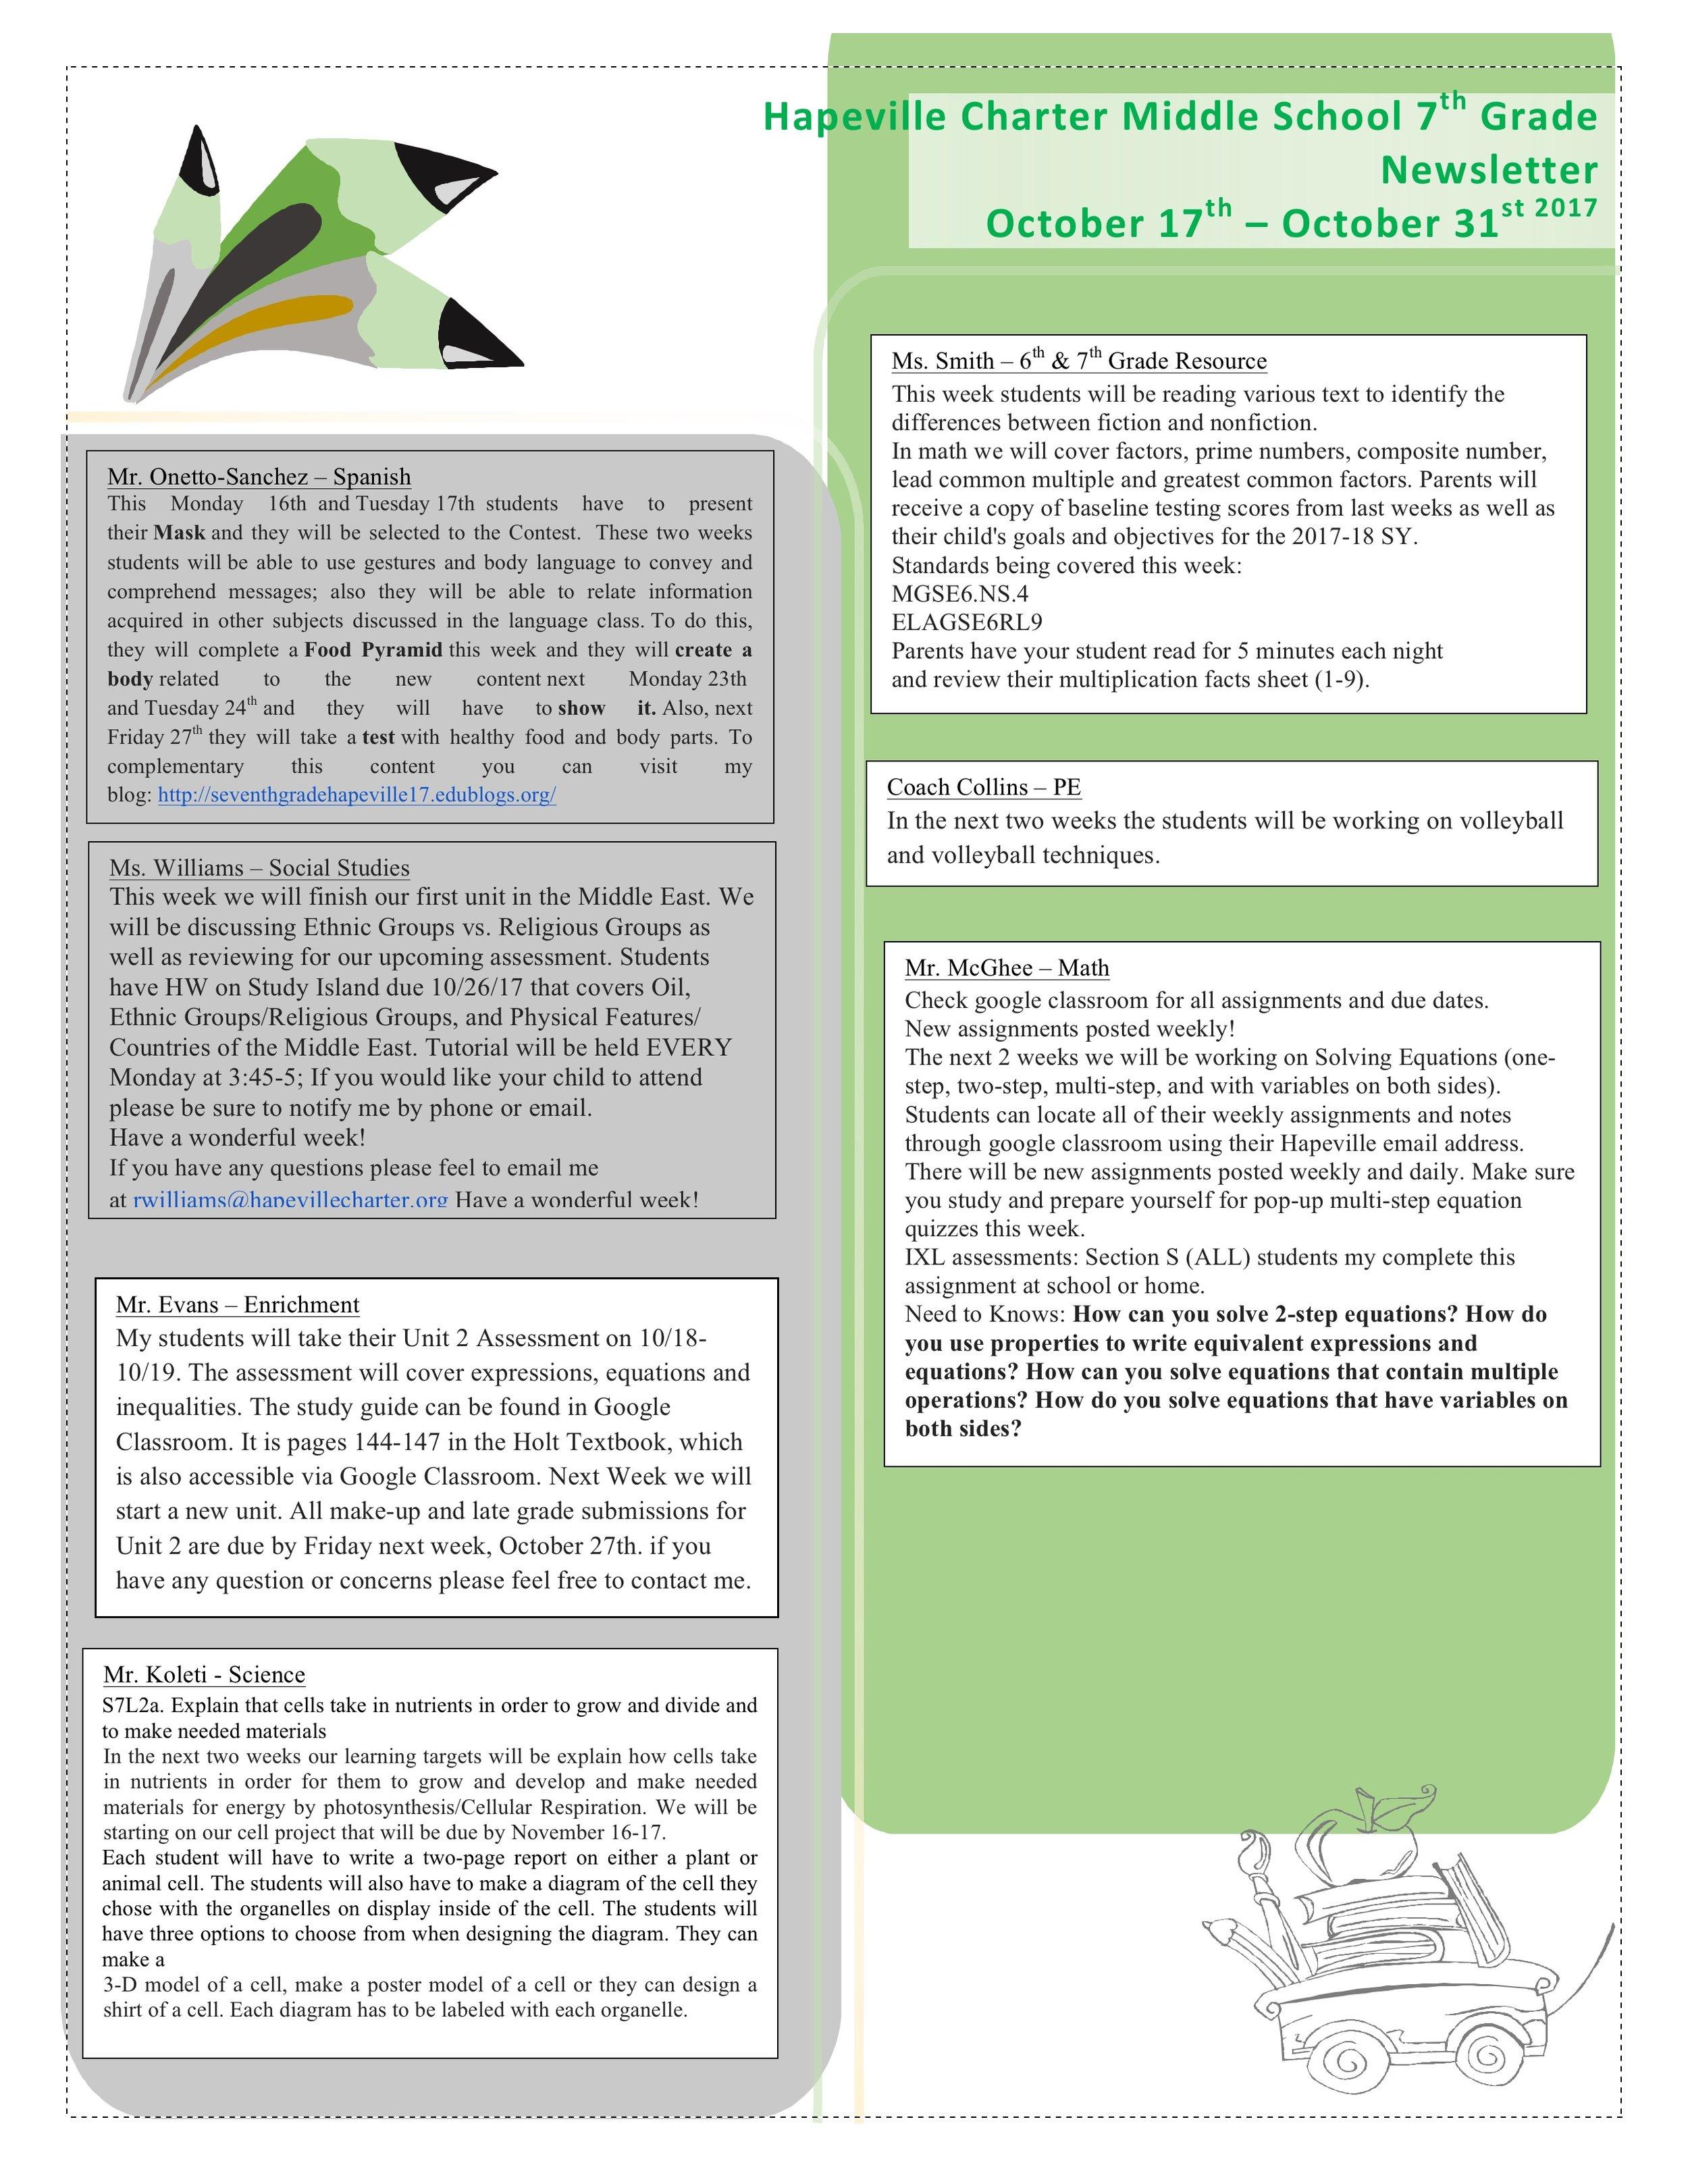 7th Grade Newsletter -